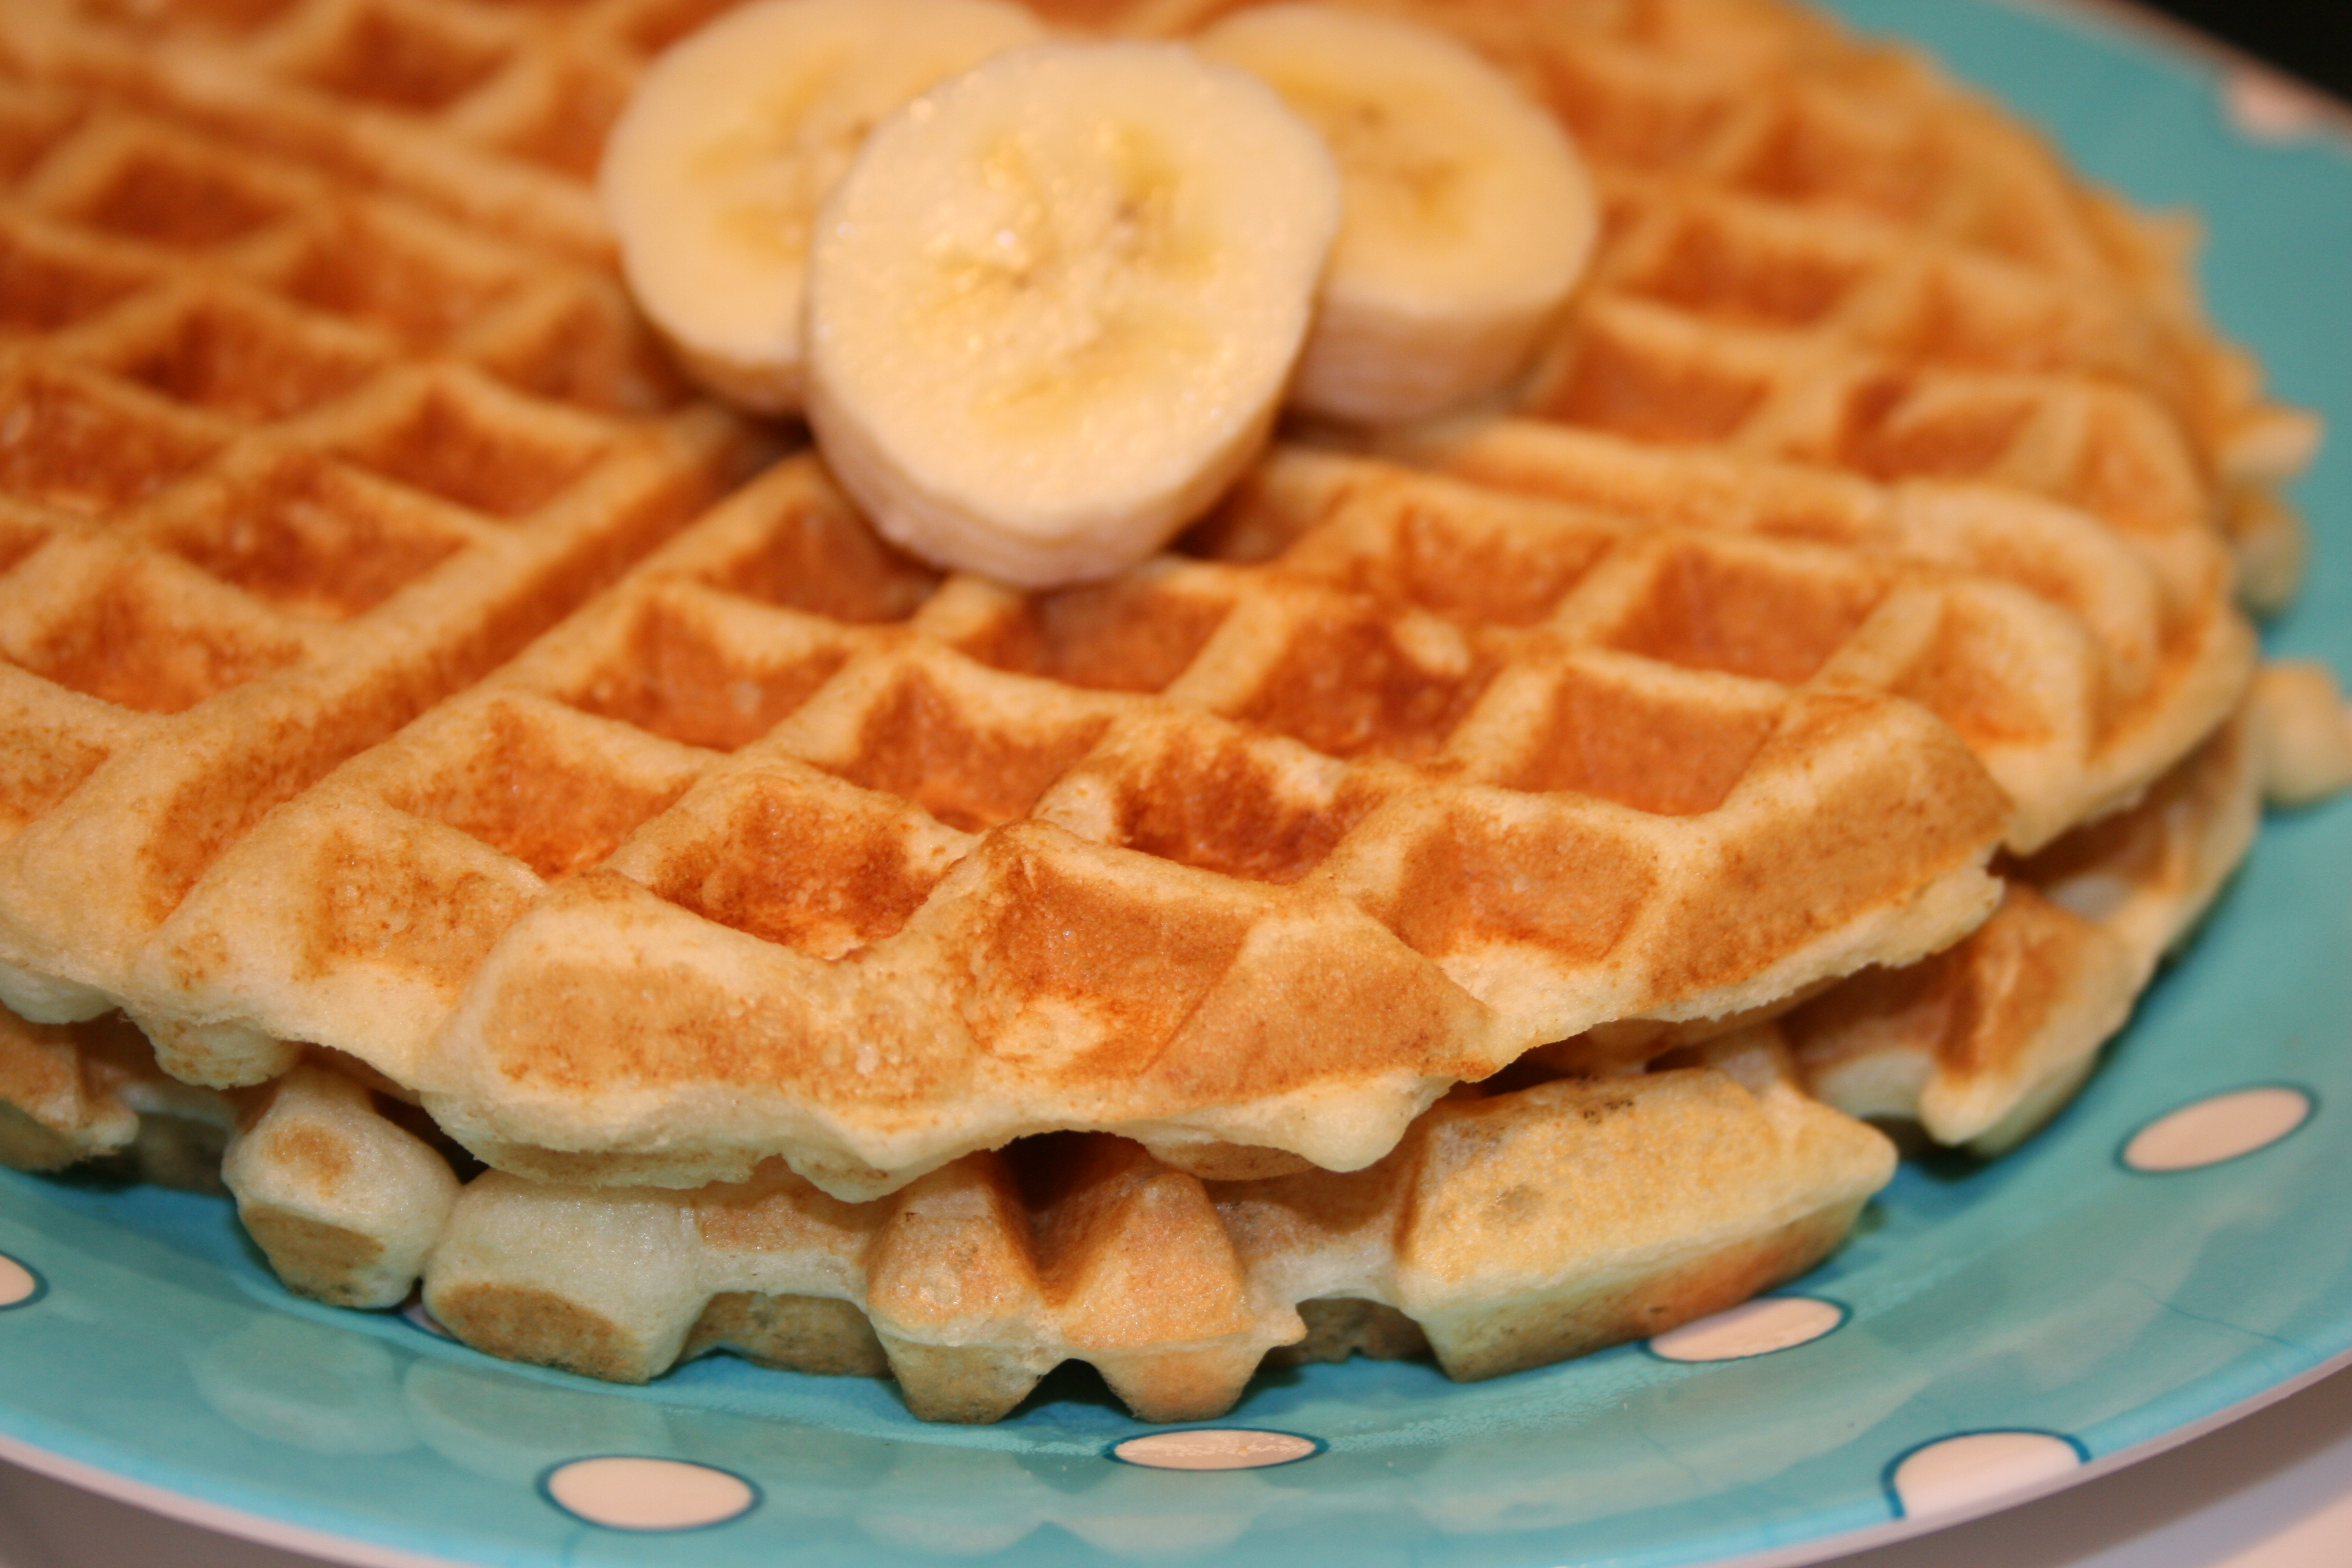 Low Fat And Healthy Buttermilk Waffles Ingredientsinc Net